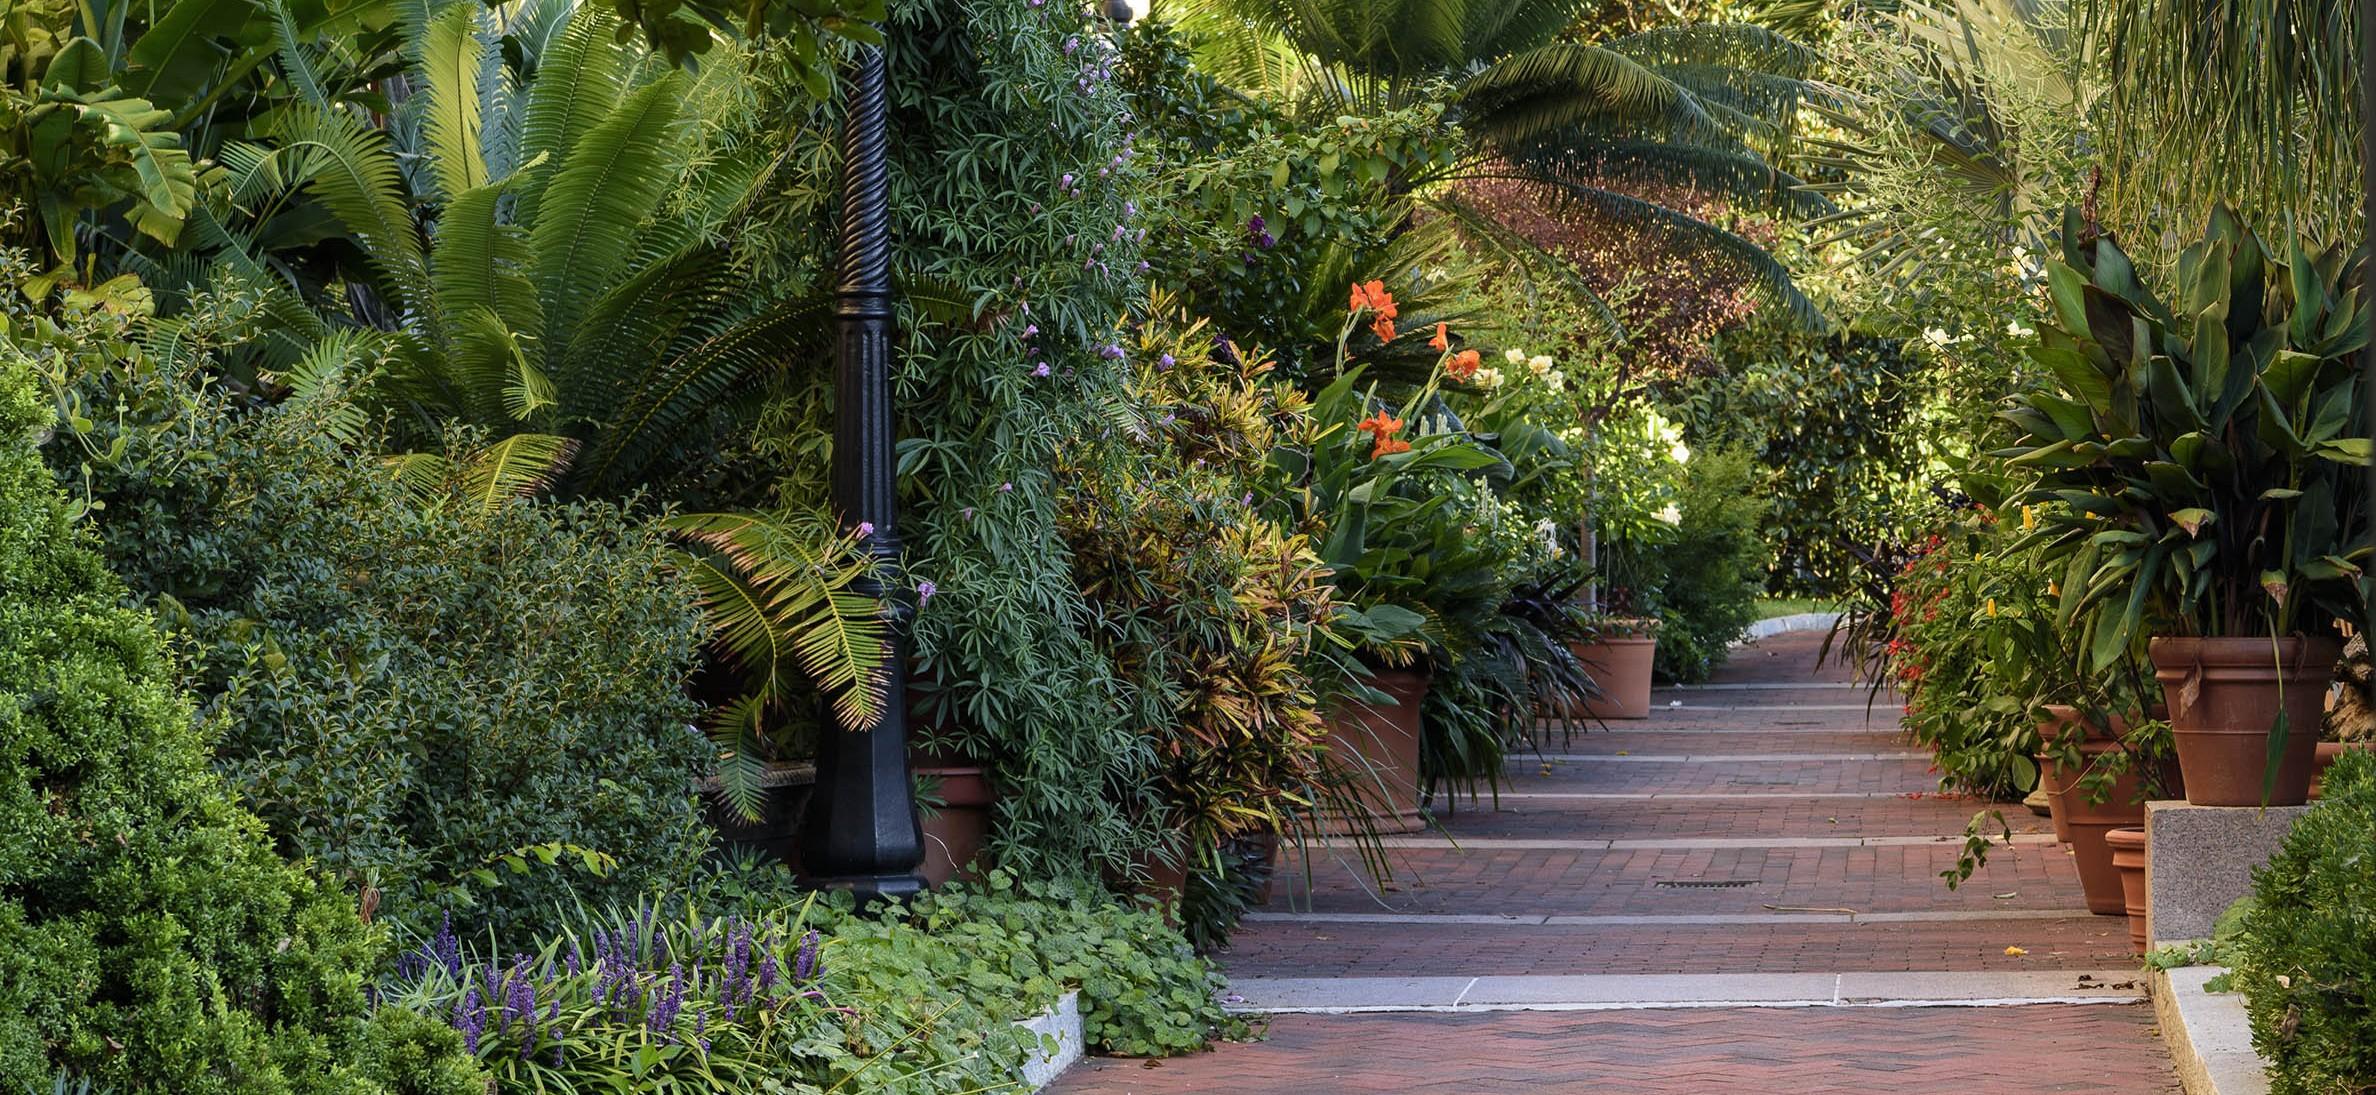 Enid A. Haupt Garden Freer Walkway